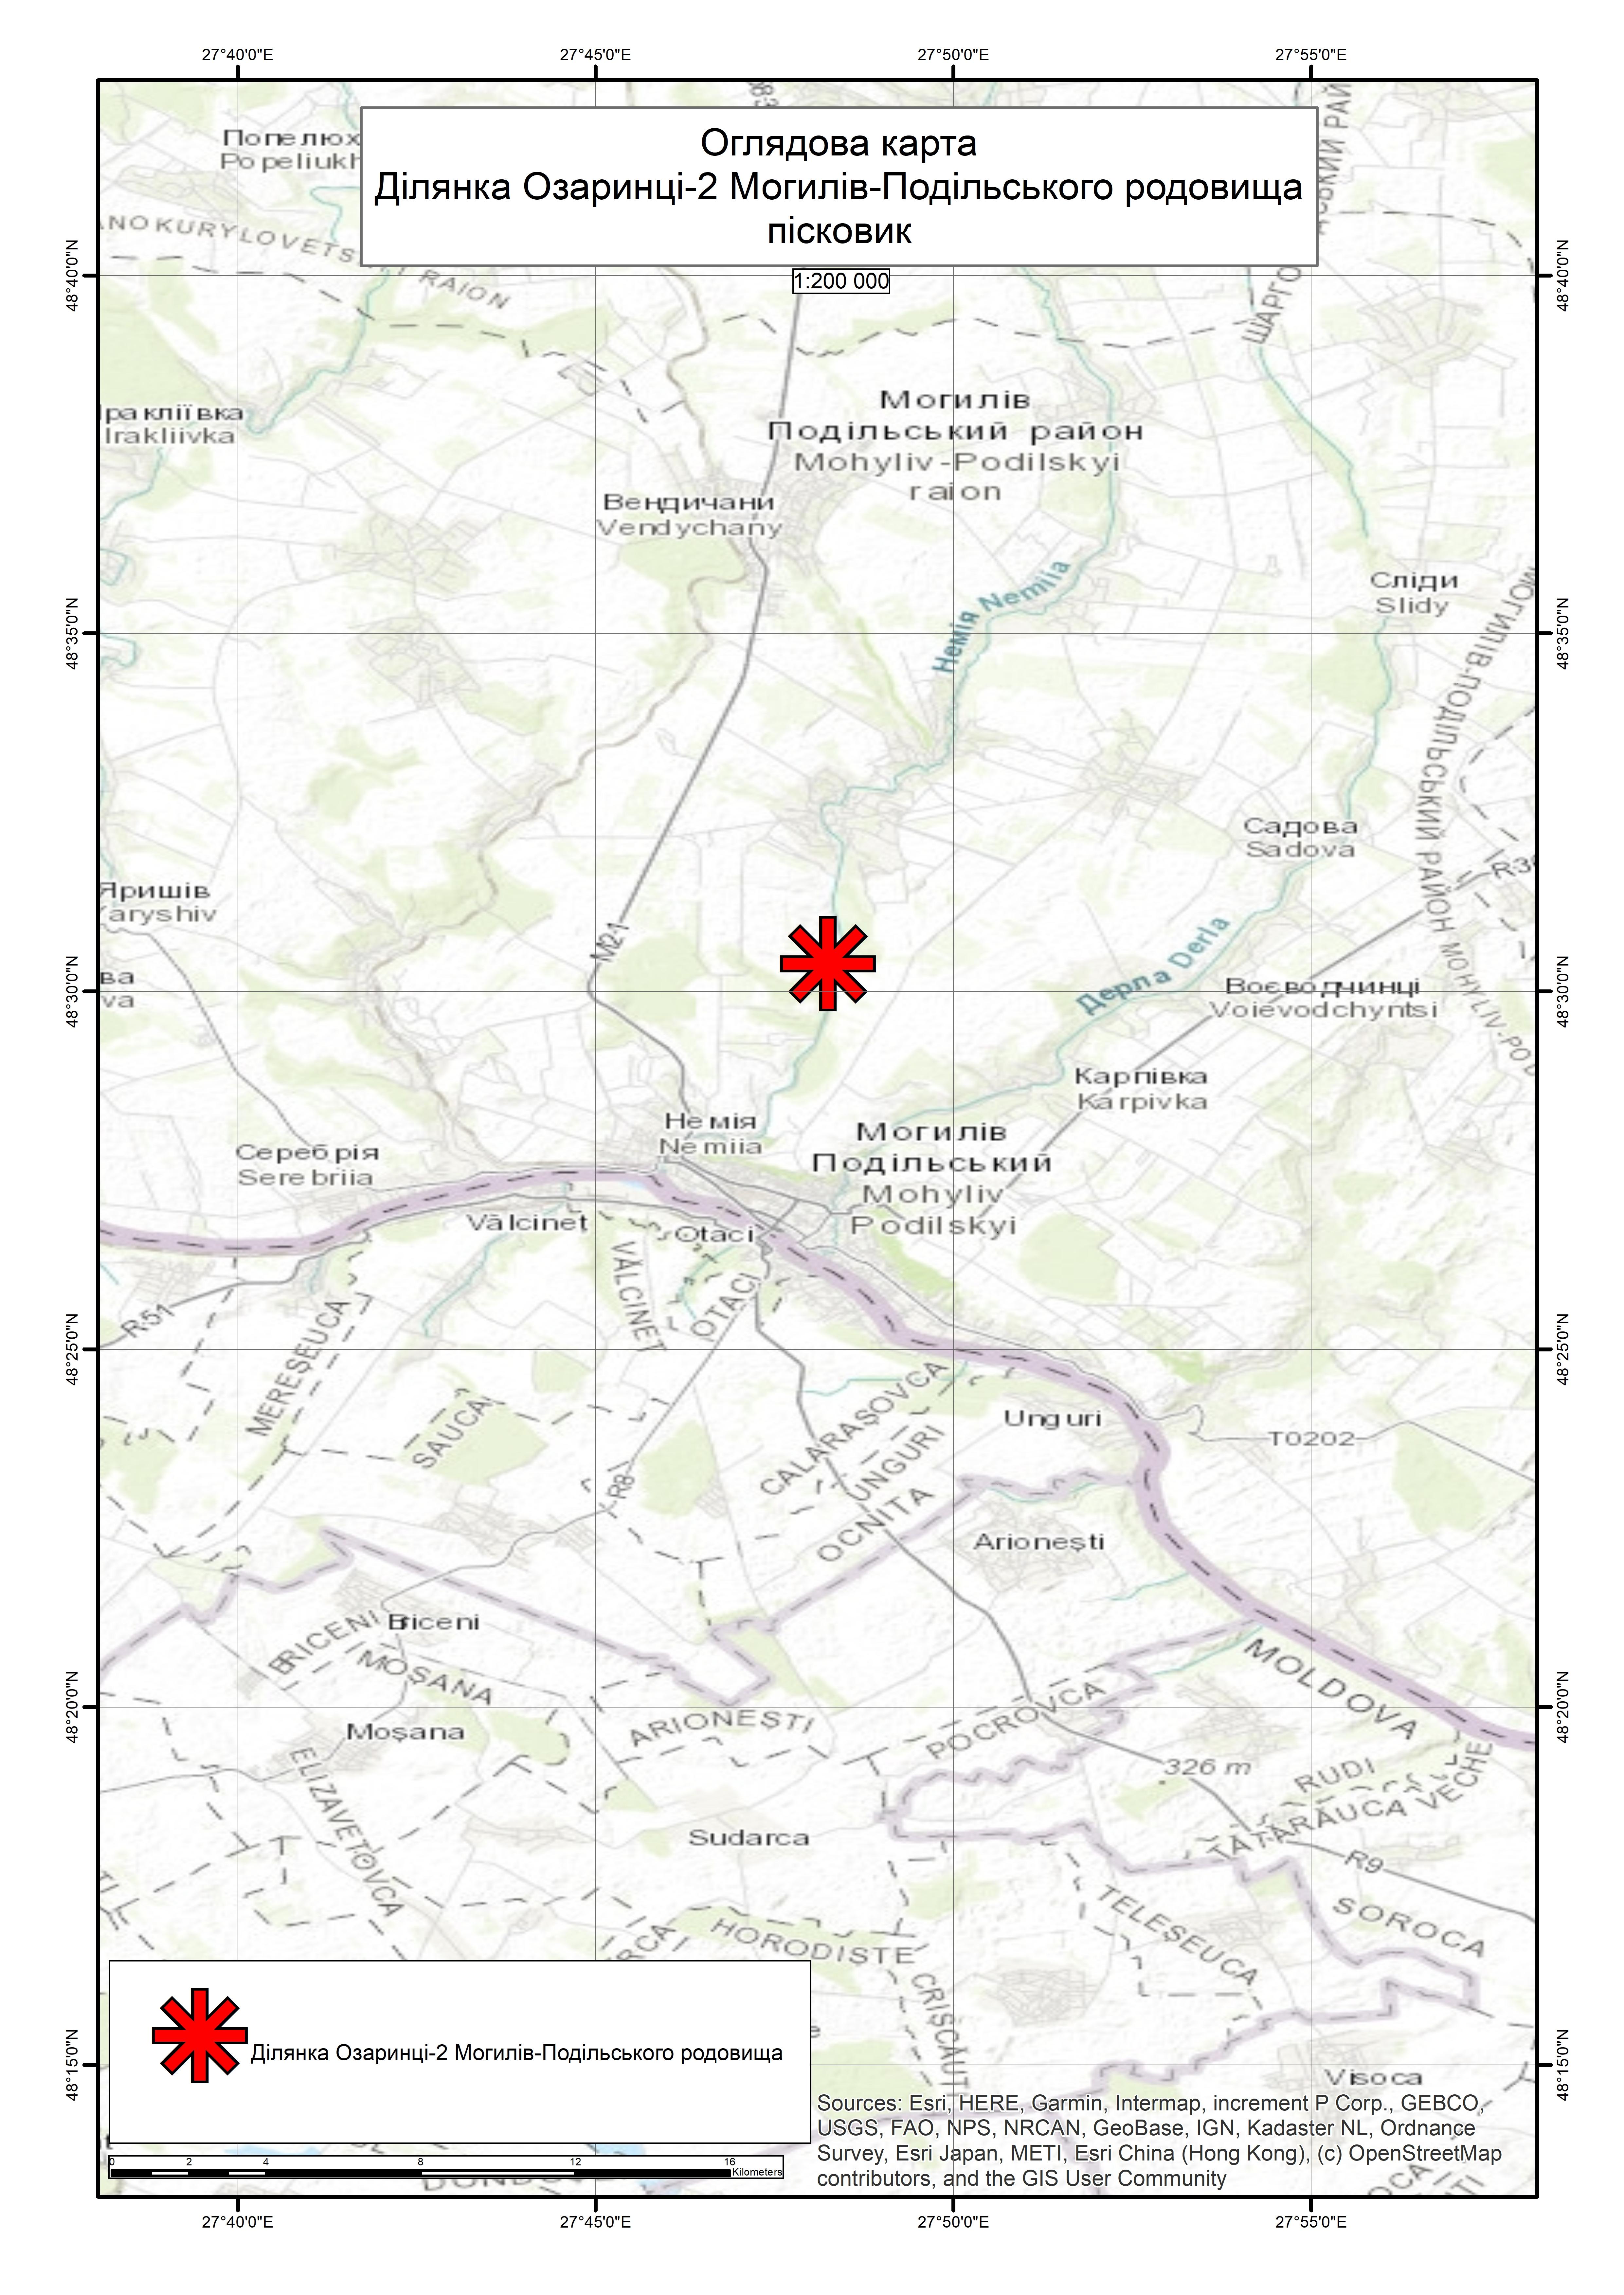 Спеціальний дозвіл на користування надрами – Ділянка Озаринці-2 Могилів-Подільського родовища. Вартість геологічної інформації – 60 054,59 грн (з ПДВ). Вартість пакету аукціонної документації – 20 840,27 грн (з ПДВ).